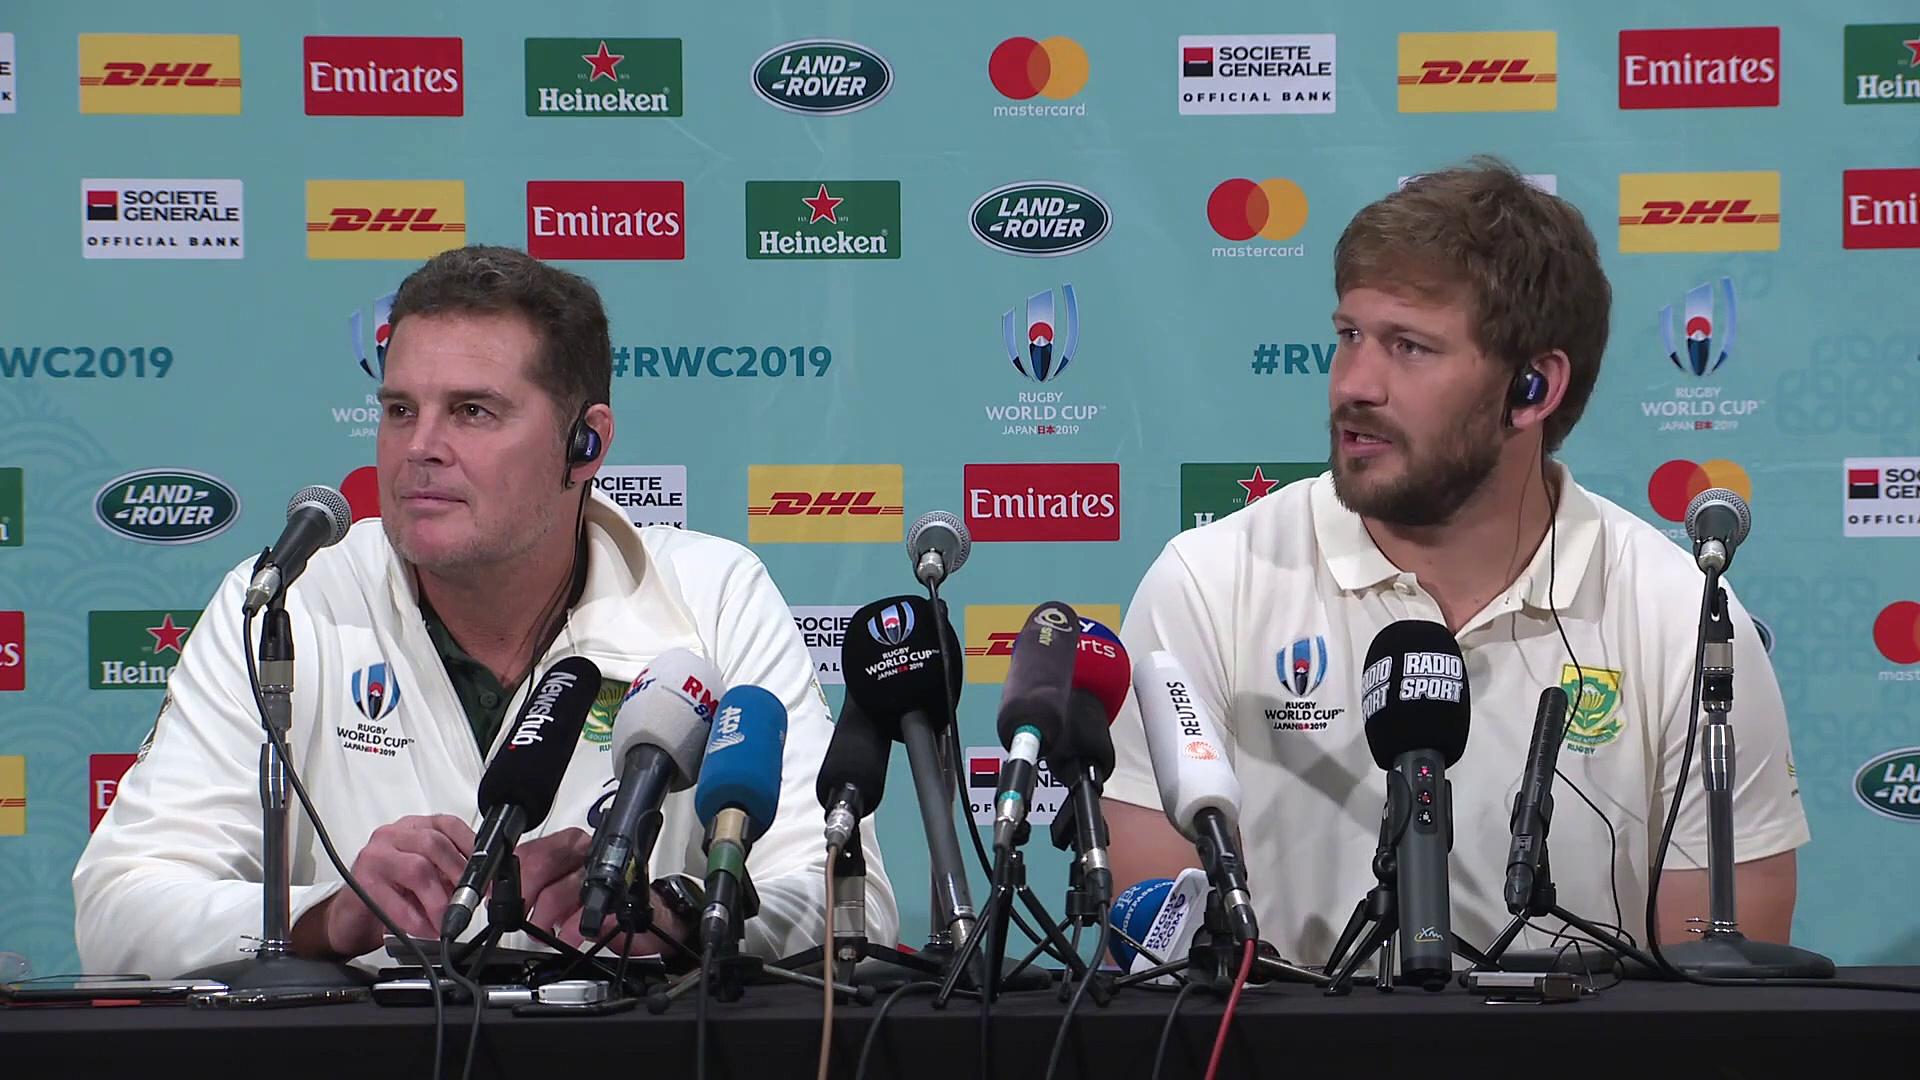 Kolisi & Steyn on Rugby World Cup 2019 final v England